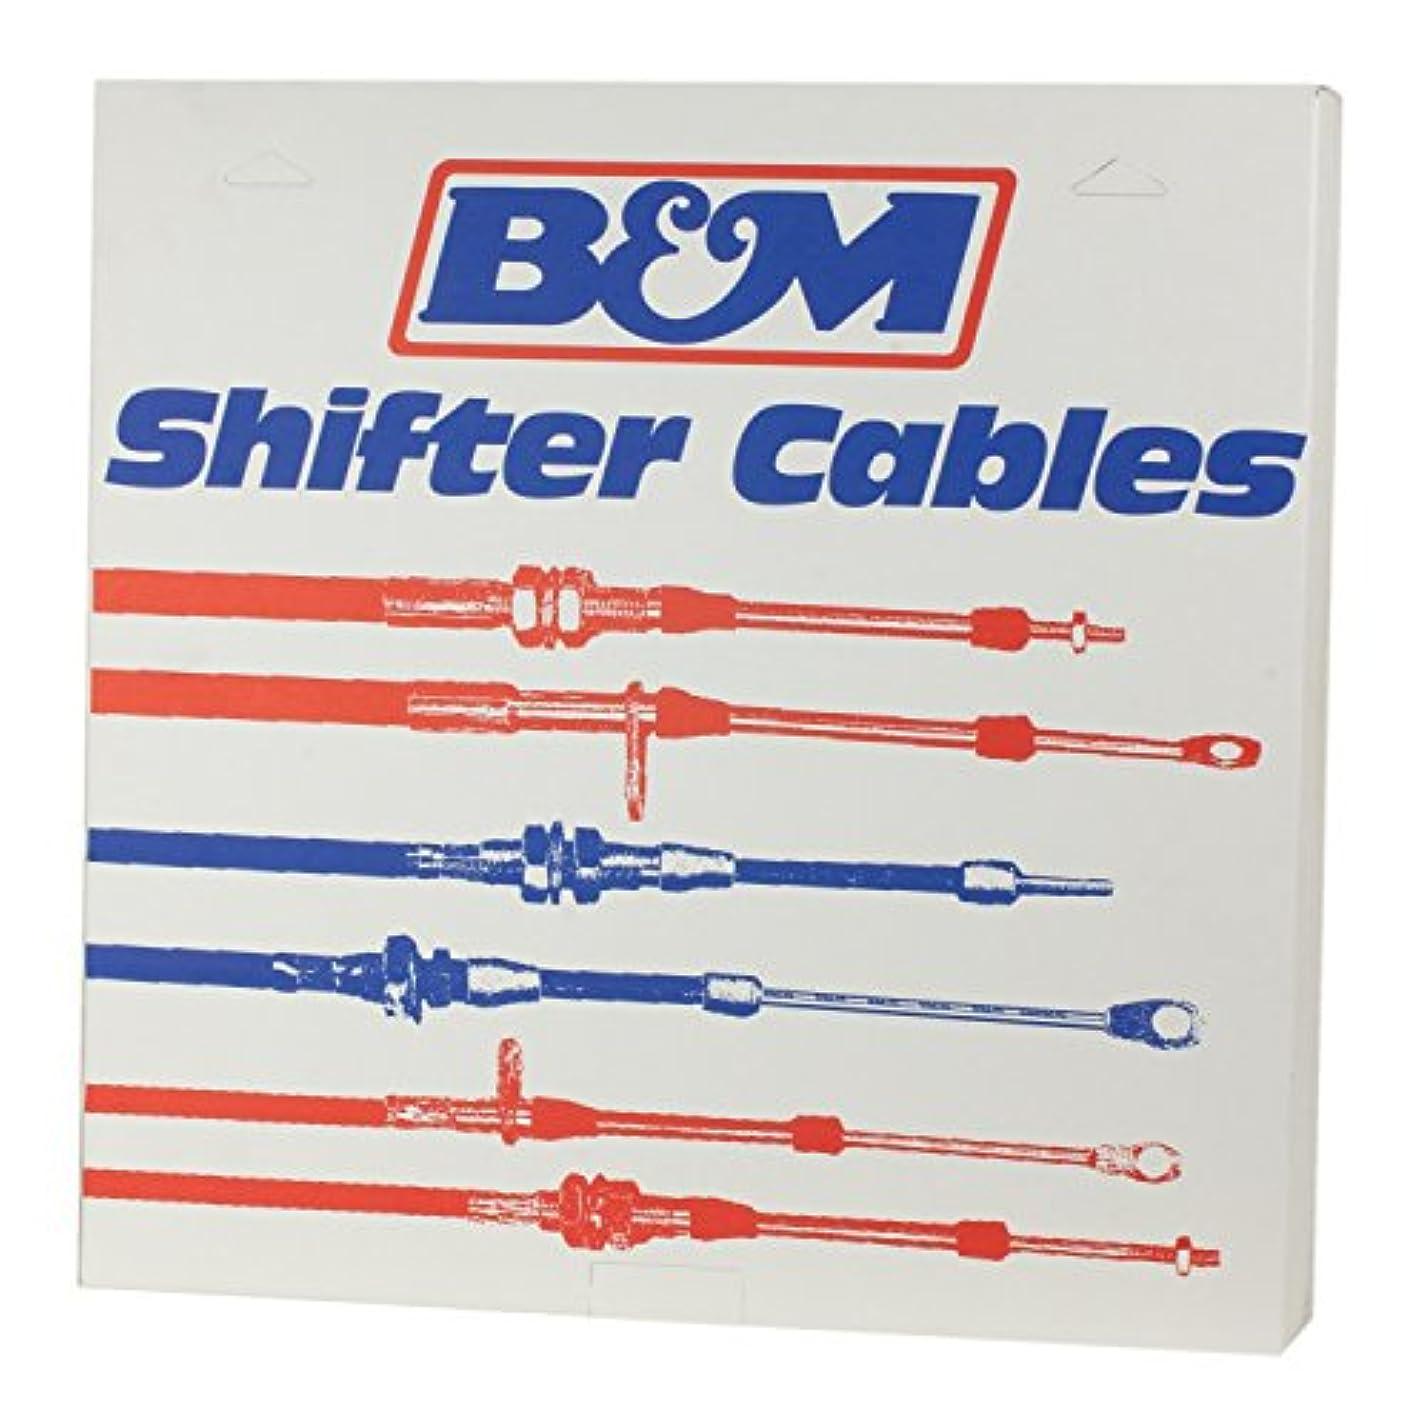 窒息させる小売書くB&M 80506の性能のベルト寄せケーブル